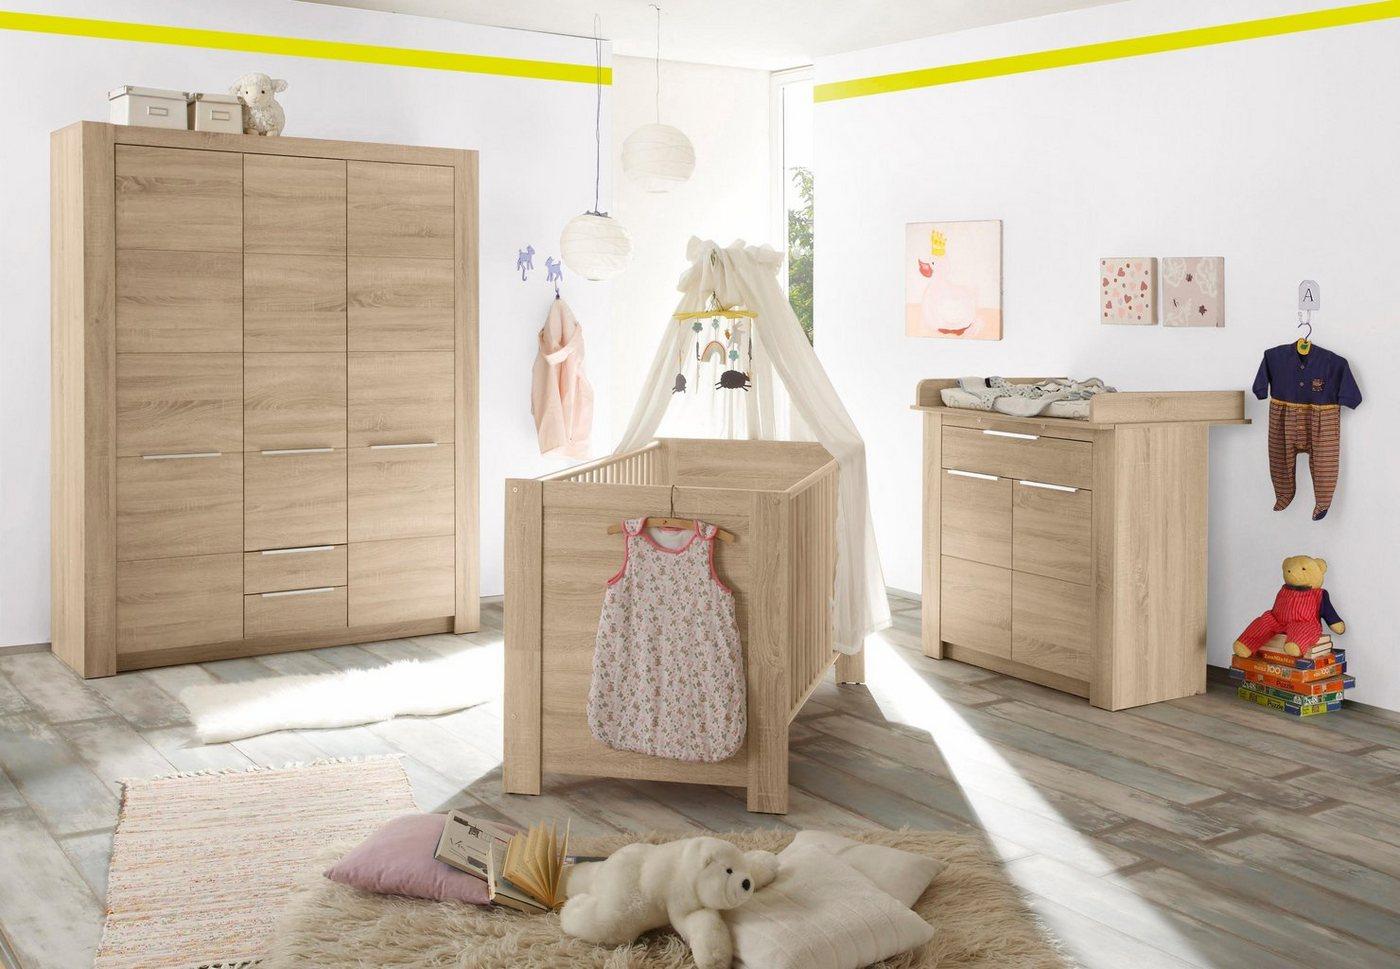 Komplett Babyzimmer Hamburg Babybett + Wickelkommode + breiter Kleiderschrank (3-tlg.) in eiche NB braun   04251014145003